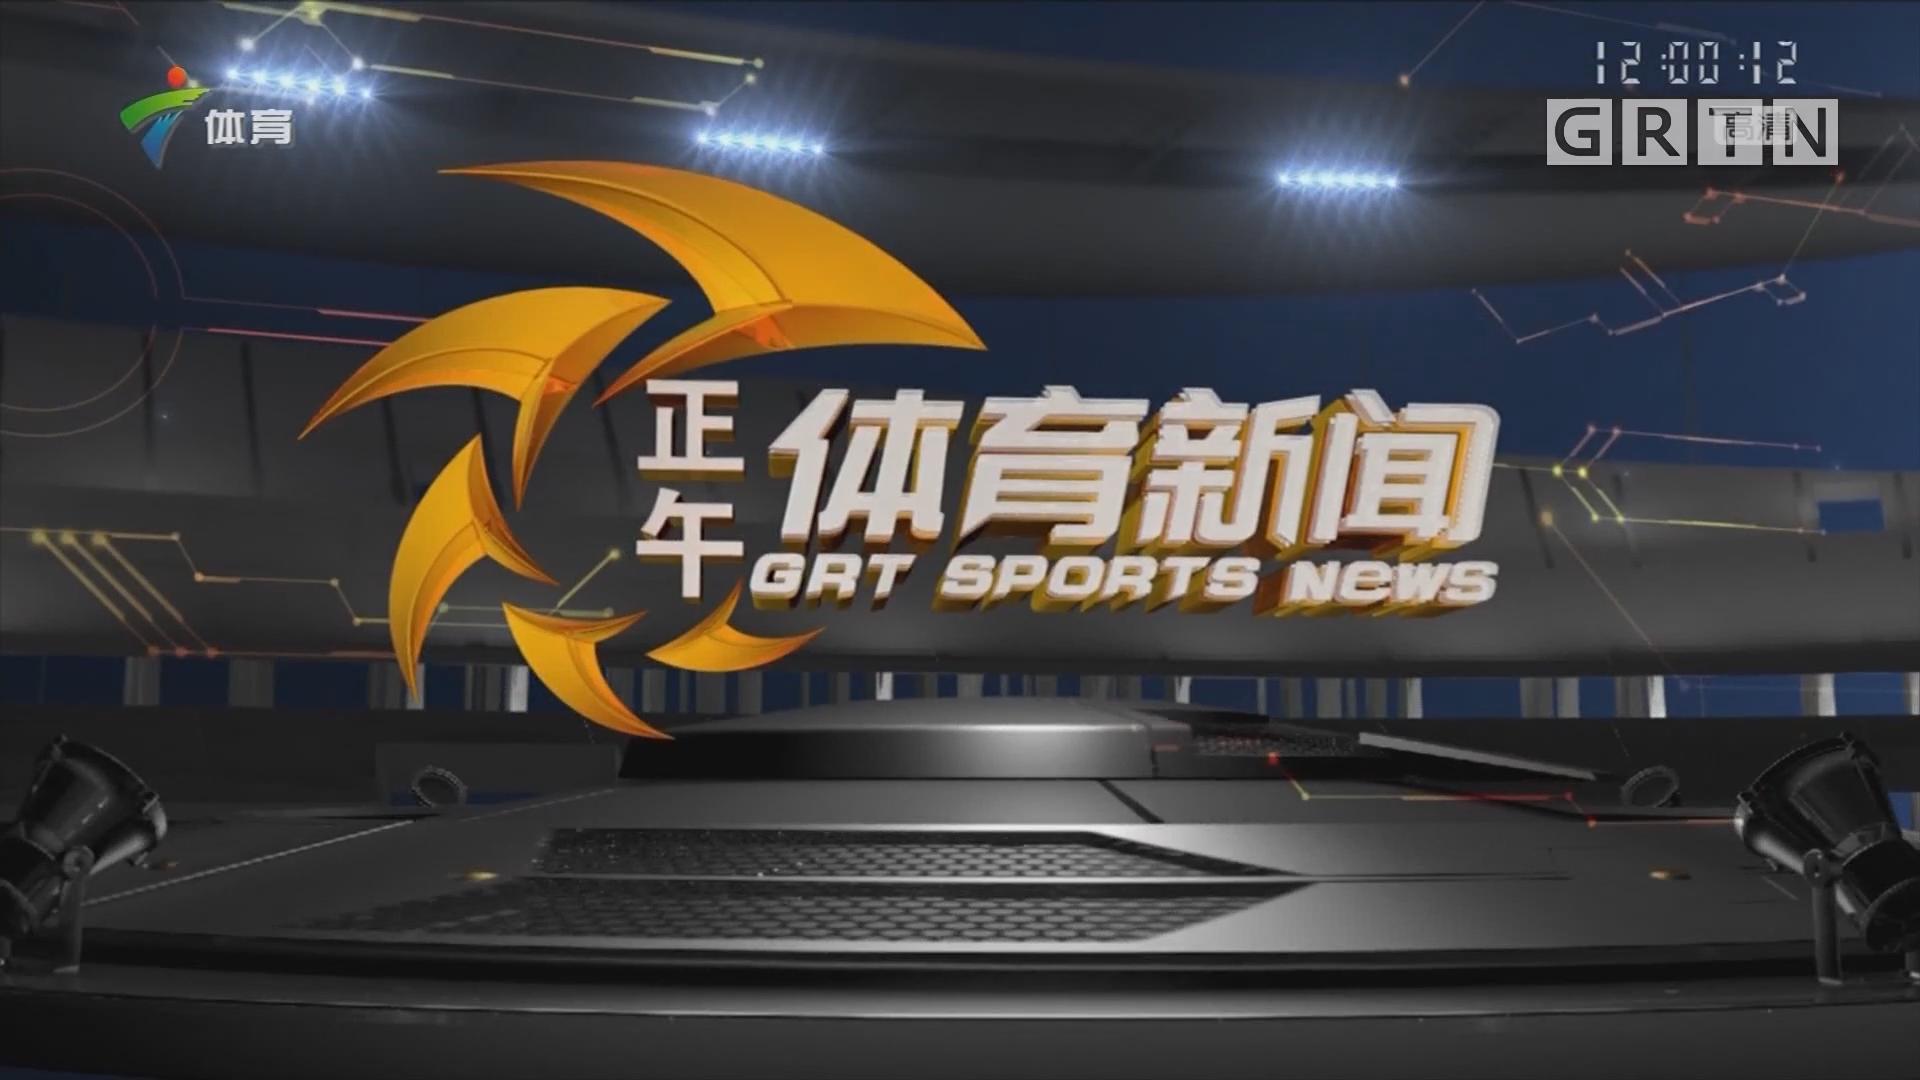 [HD][2019-10-13]正午體育新聞:全國第十四屆冬運會廣東隊首金誕生